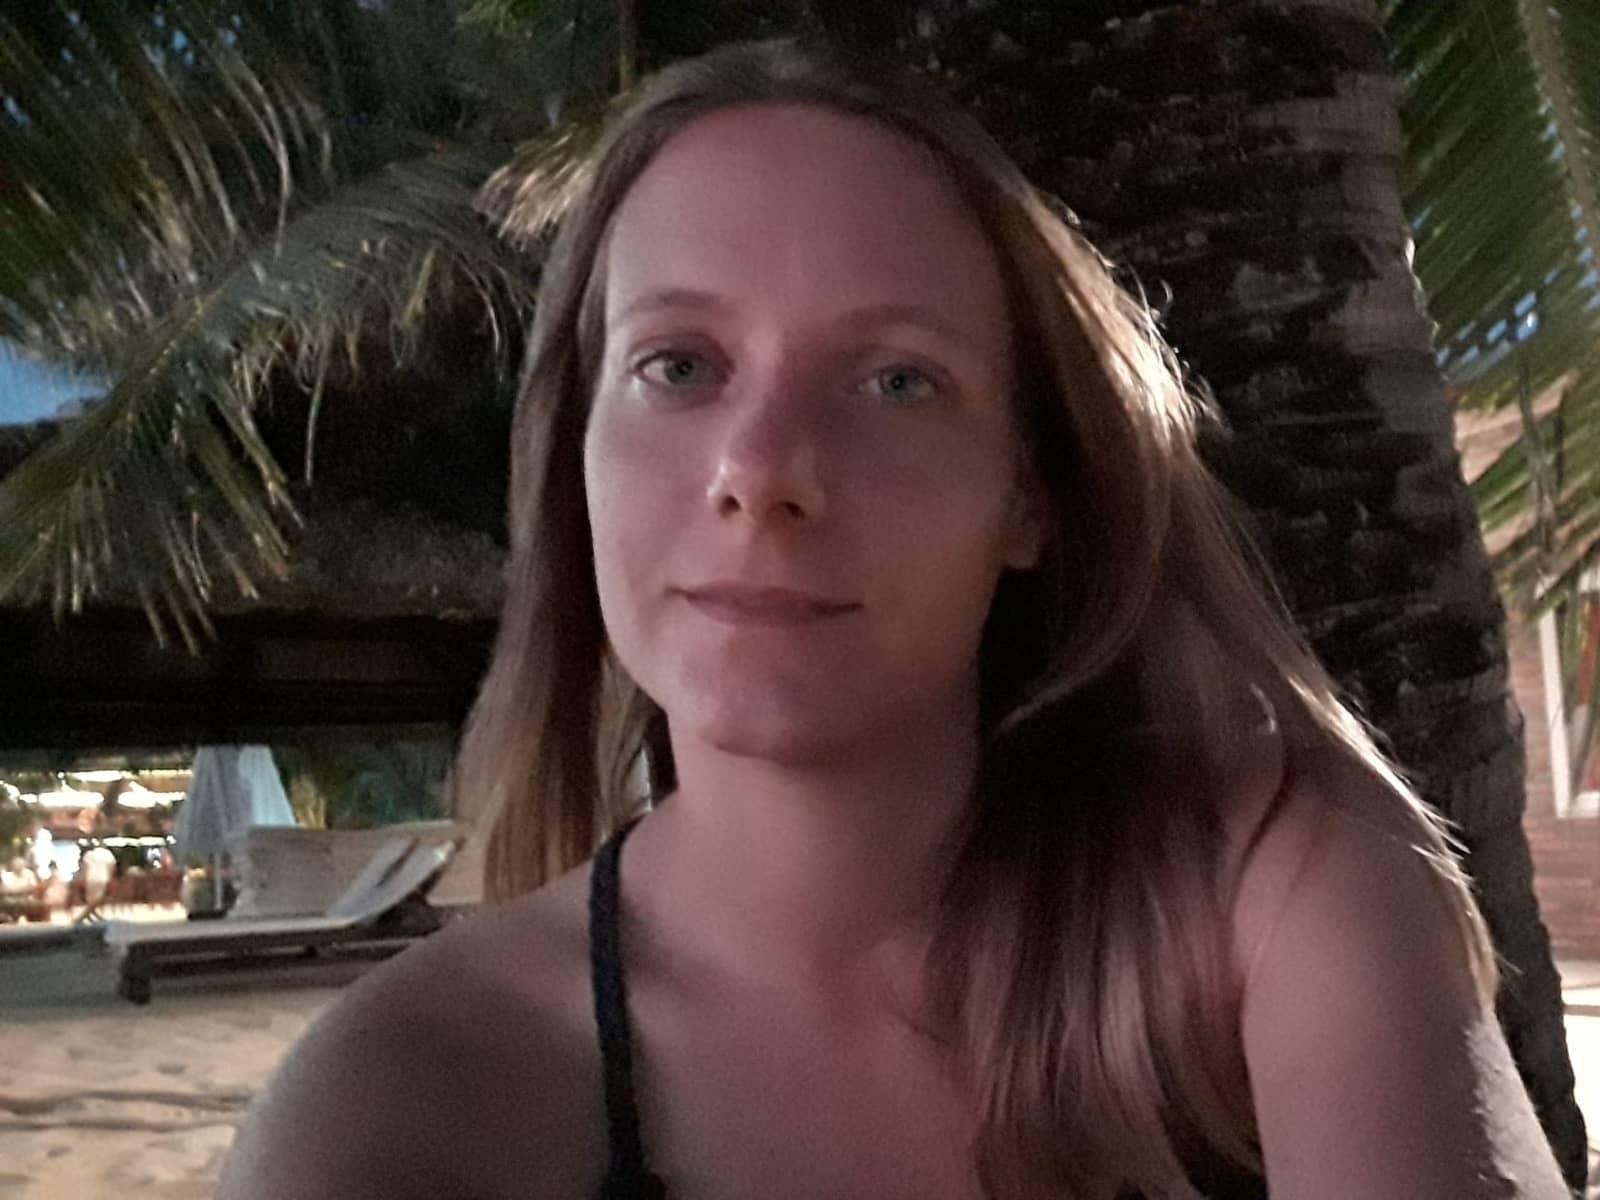 Marion from Brisbane, Queensland, Australia